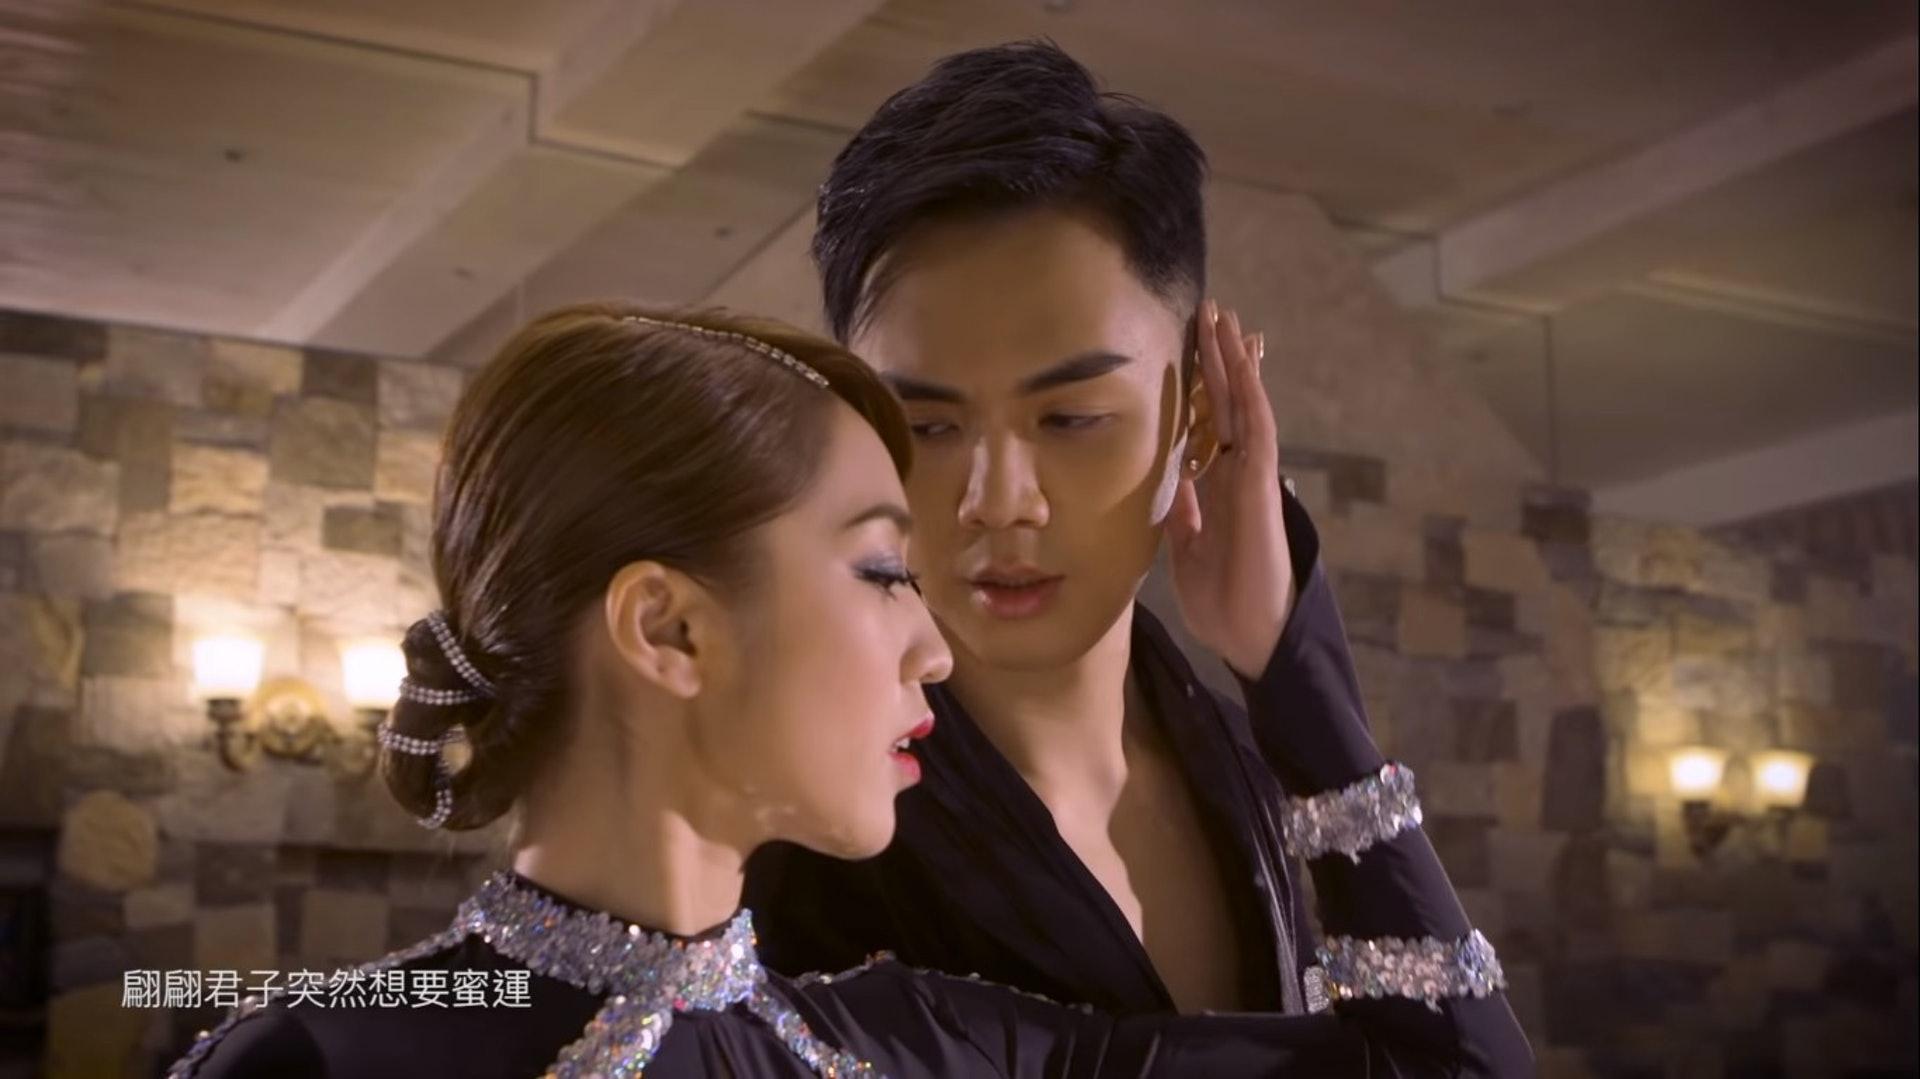 兩人早前亦推出合唱歌《迷魂陣》,在MV中大跳辣身舞,奉旨談情。(《迷魂陣》MV截圖)